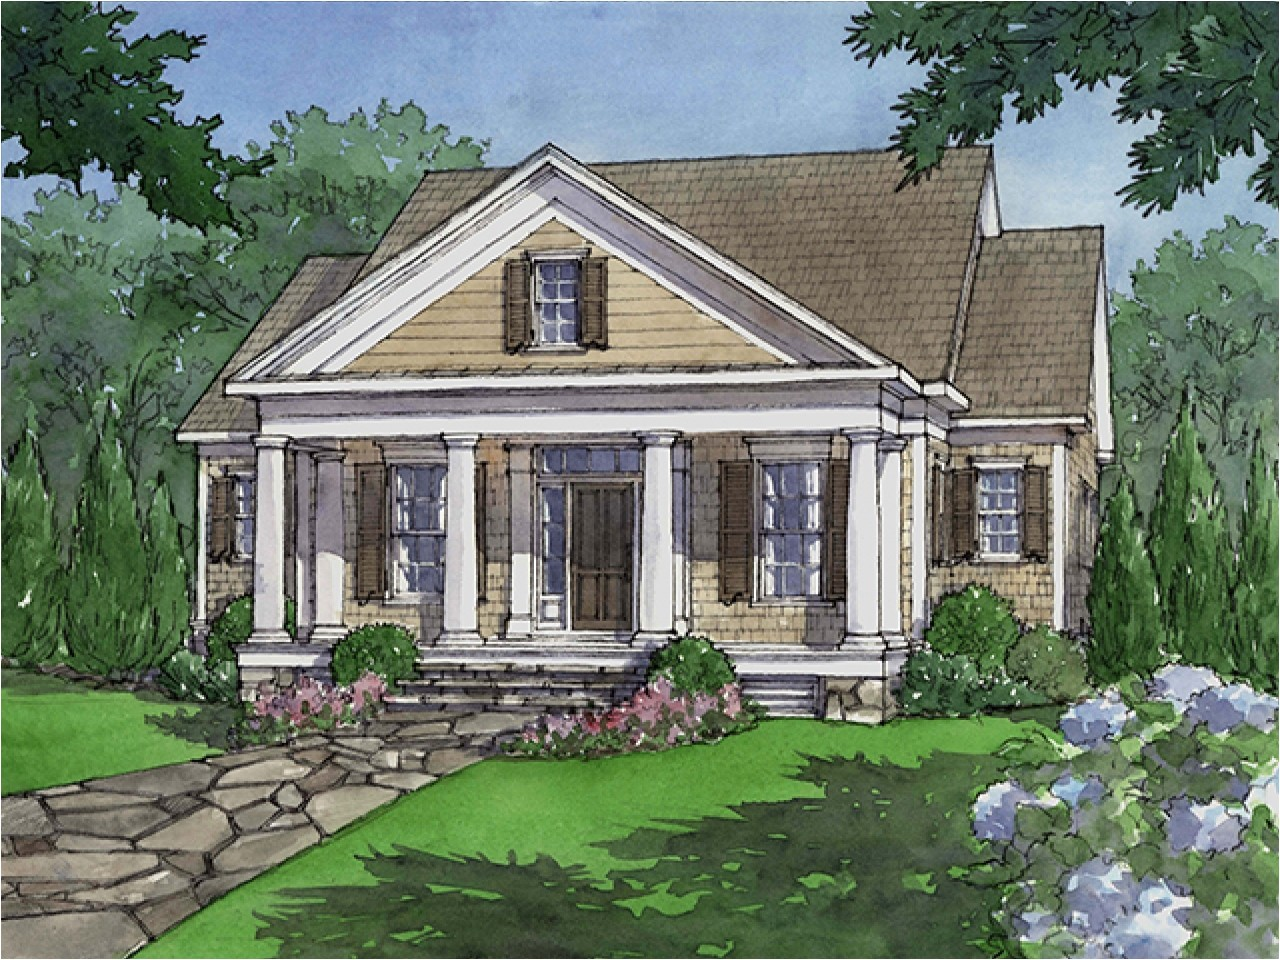 17d35a8d35b01de1 southern living house plans house plans southern living magazine